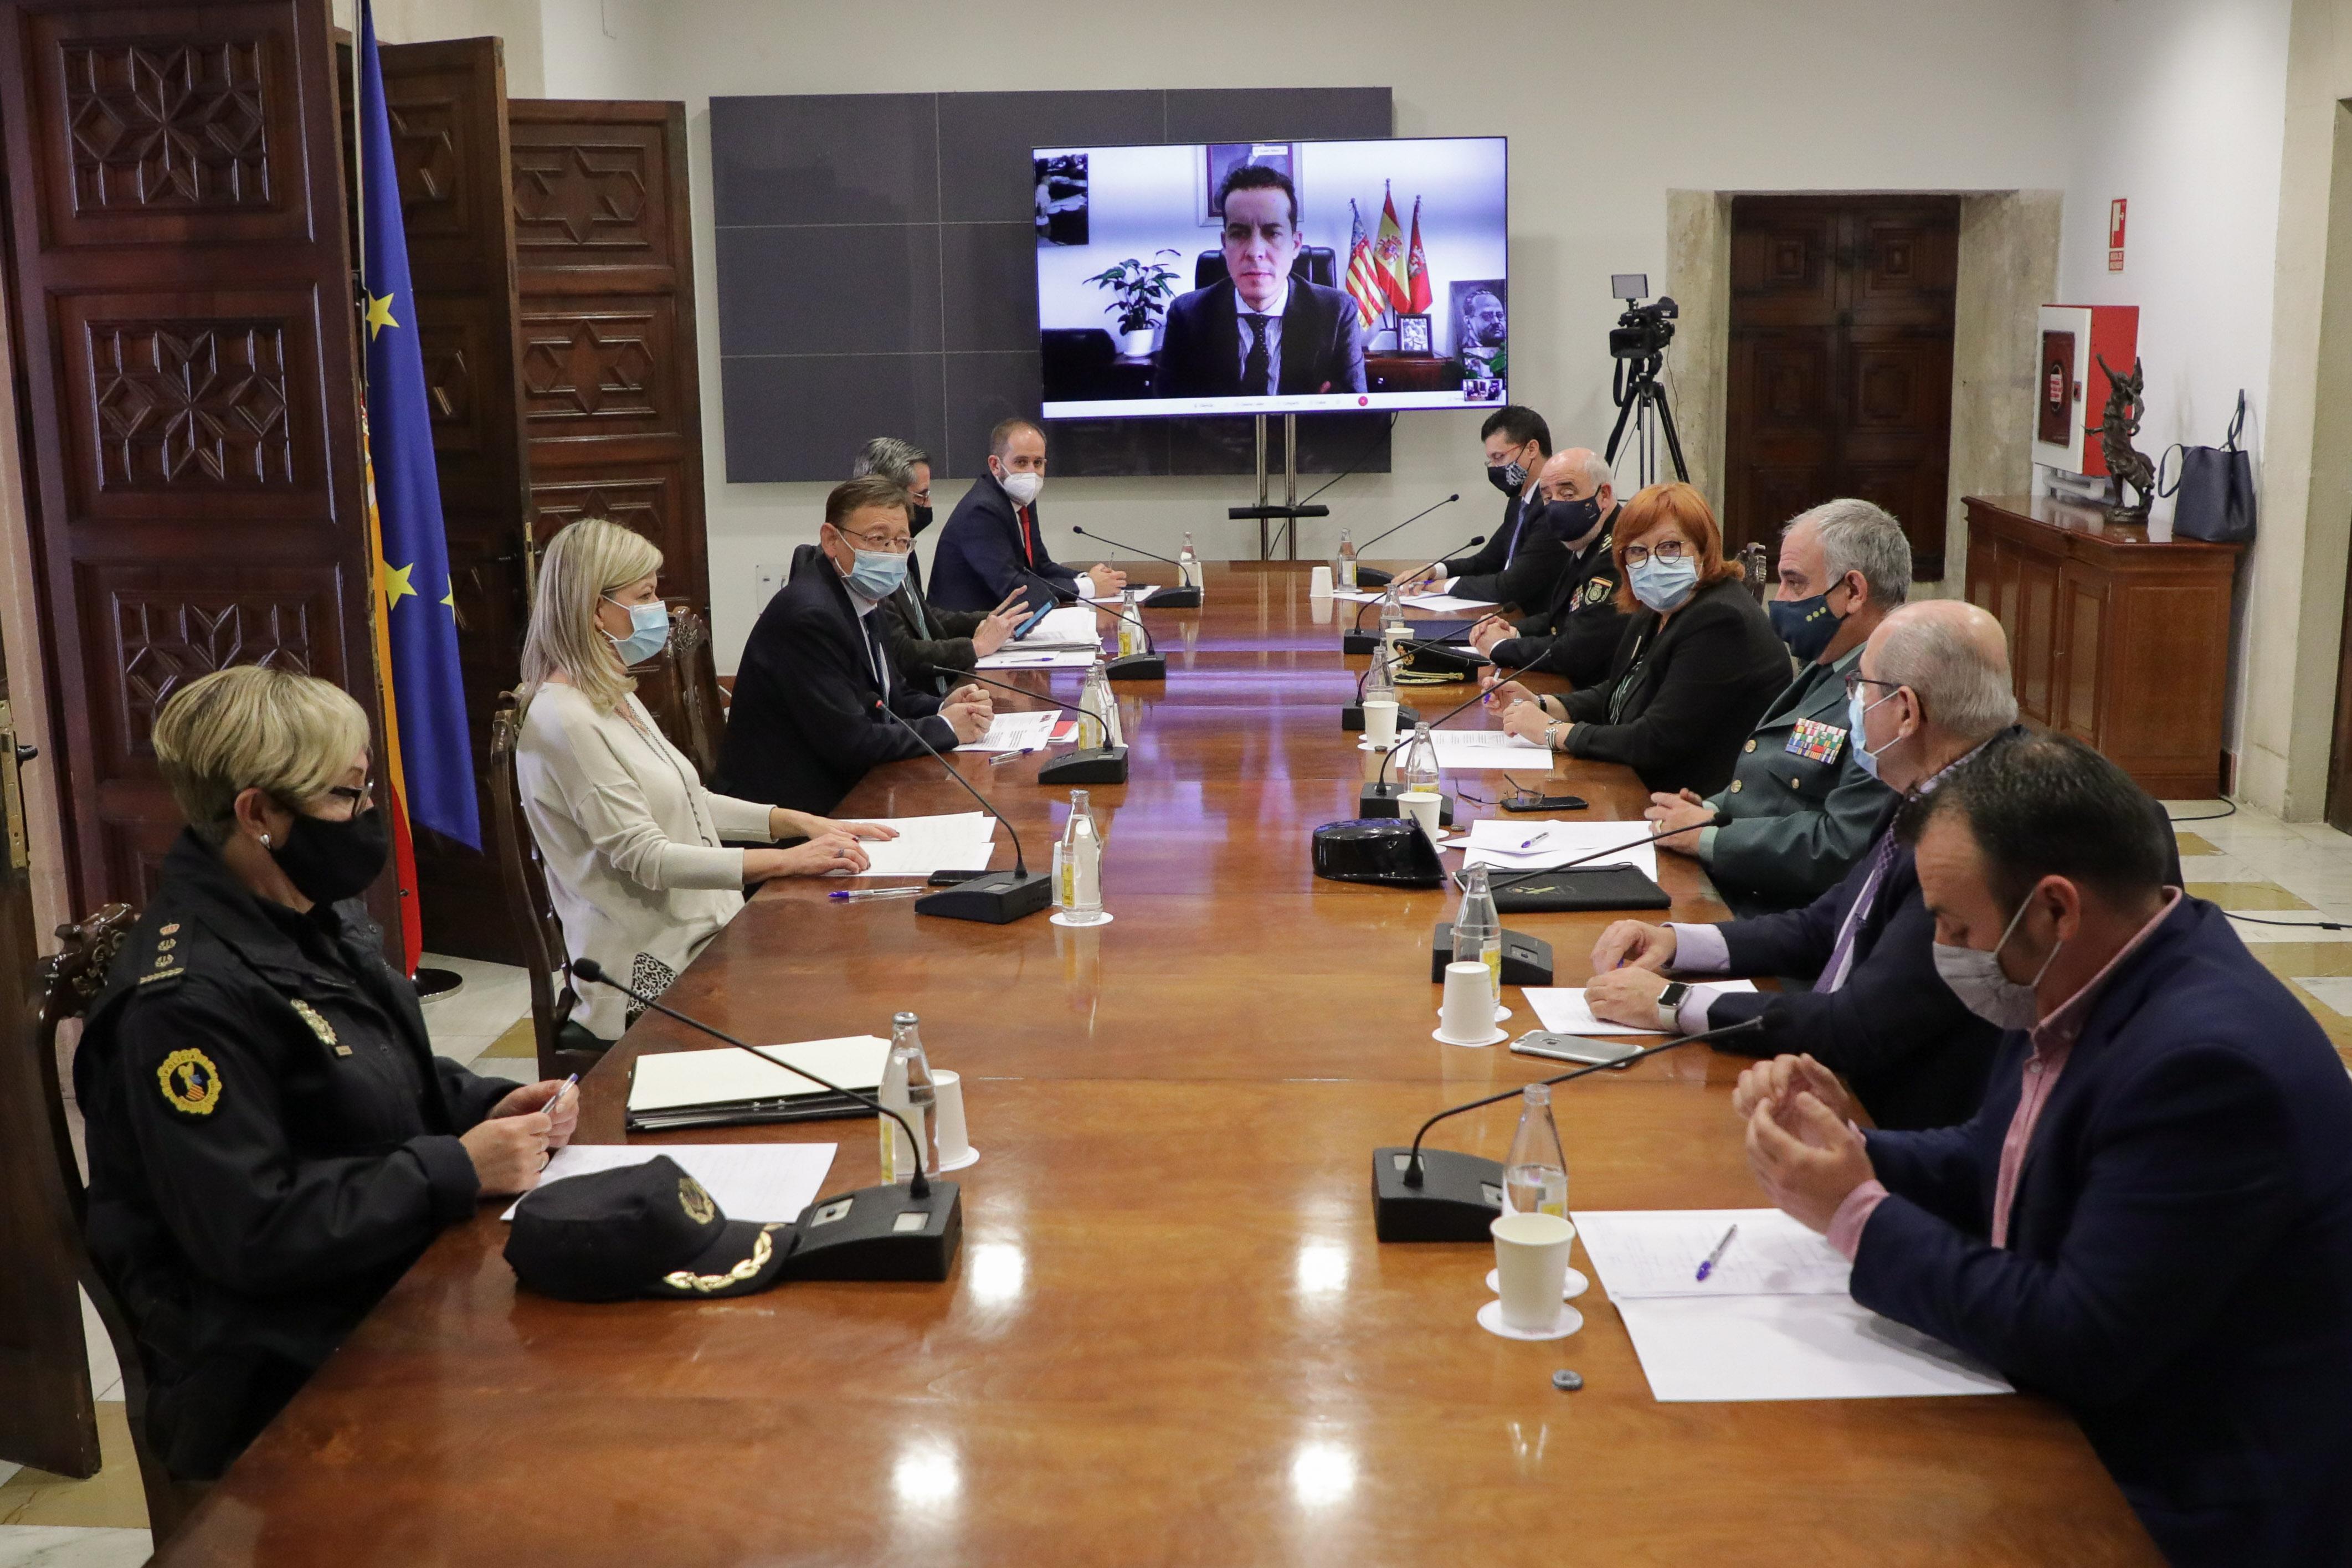 Generalitat, Delegació del Govern i FVMP acorden reforçar la vigilància del compliment de les mesures davant de la COVID